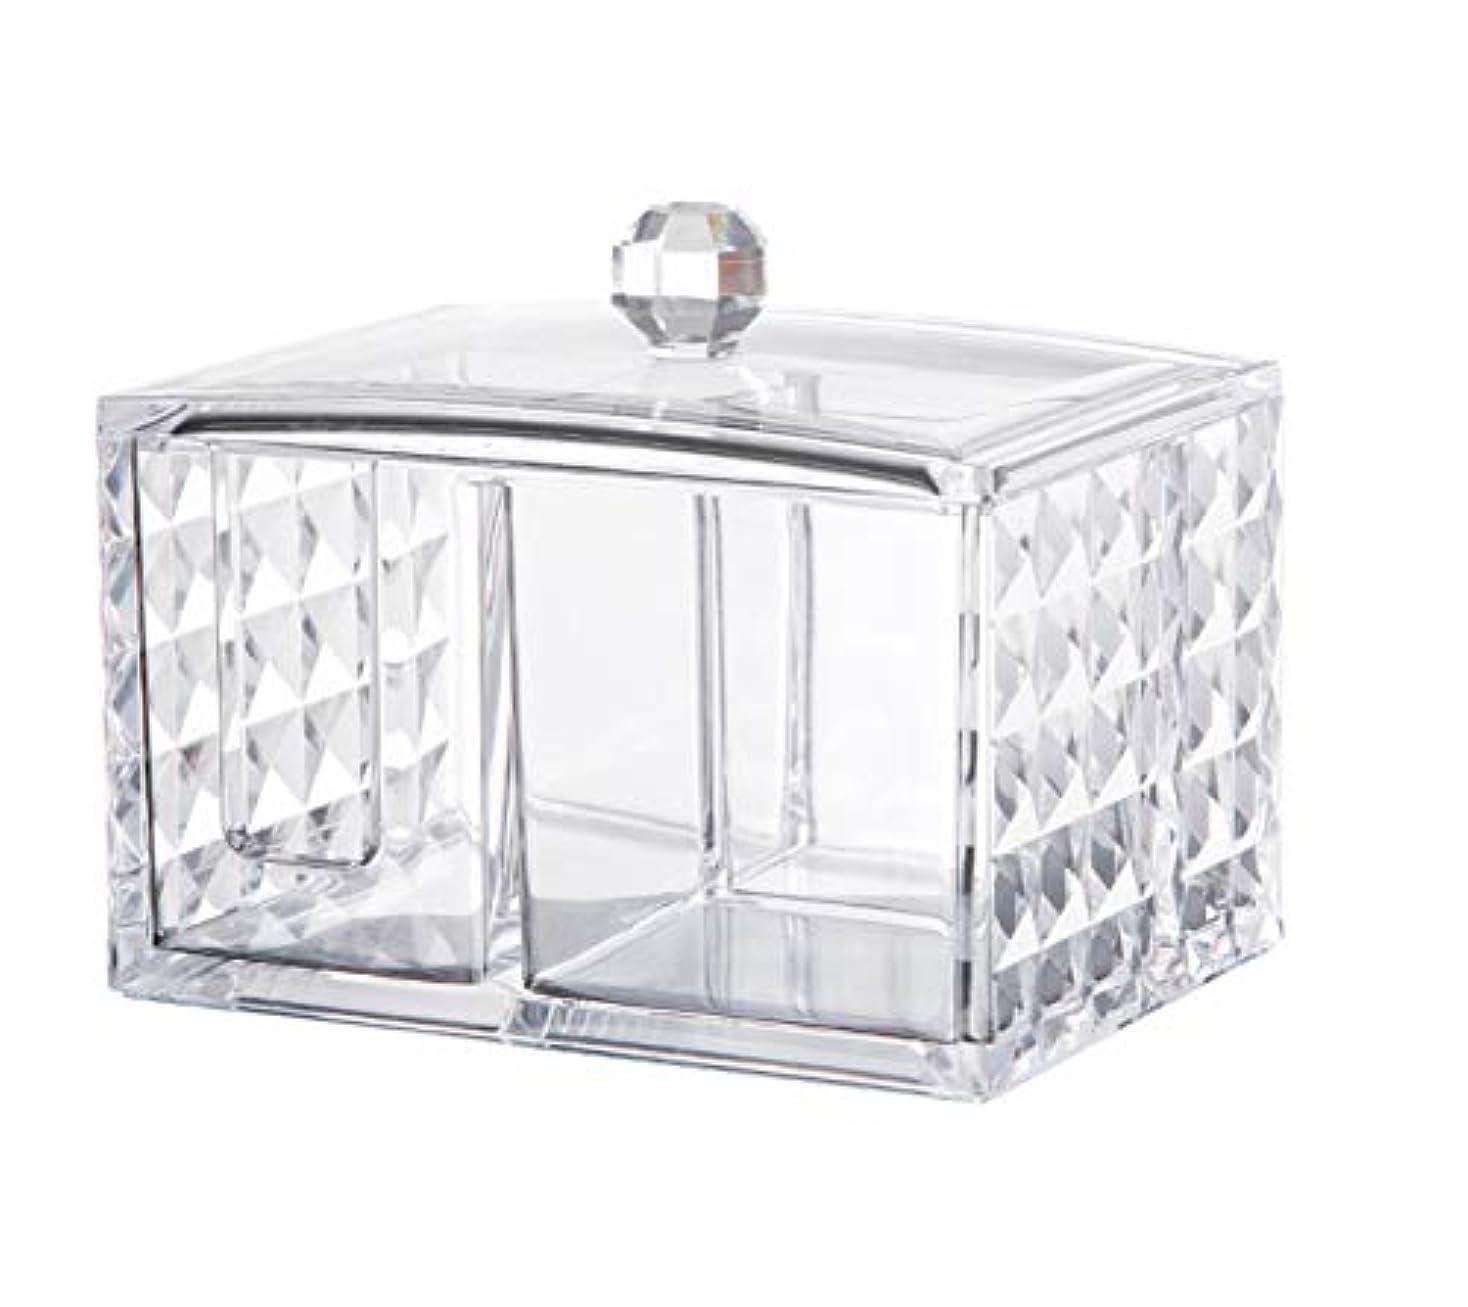 ドットぜいたく胚CUAFID アクリルケース コスメ収納ボックス コットン 綿棒 小物 メイクケース ジュエリーボックス 蓋付き アクリル製 透明 …